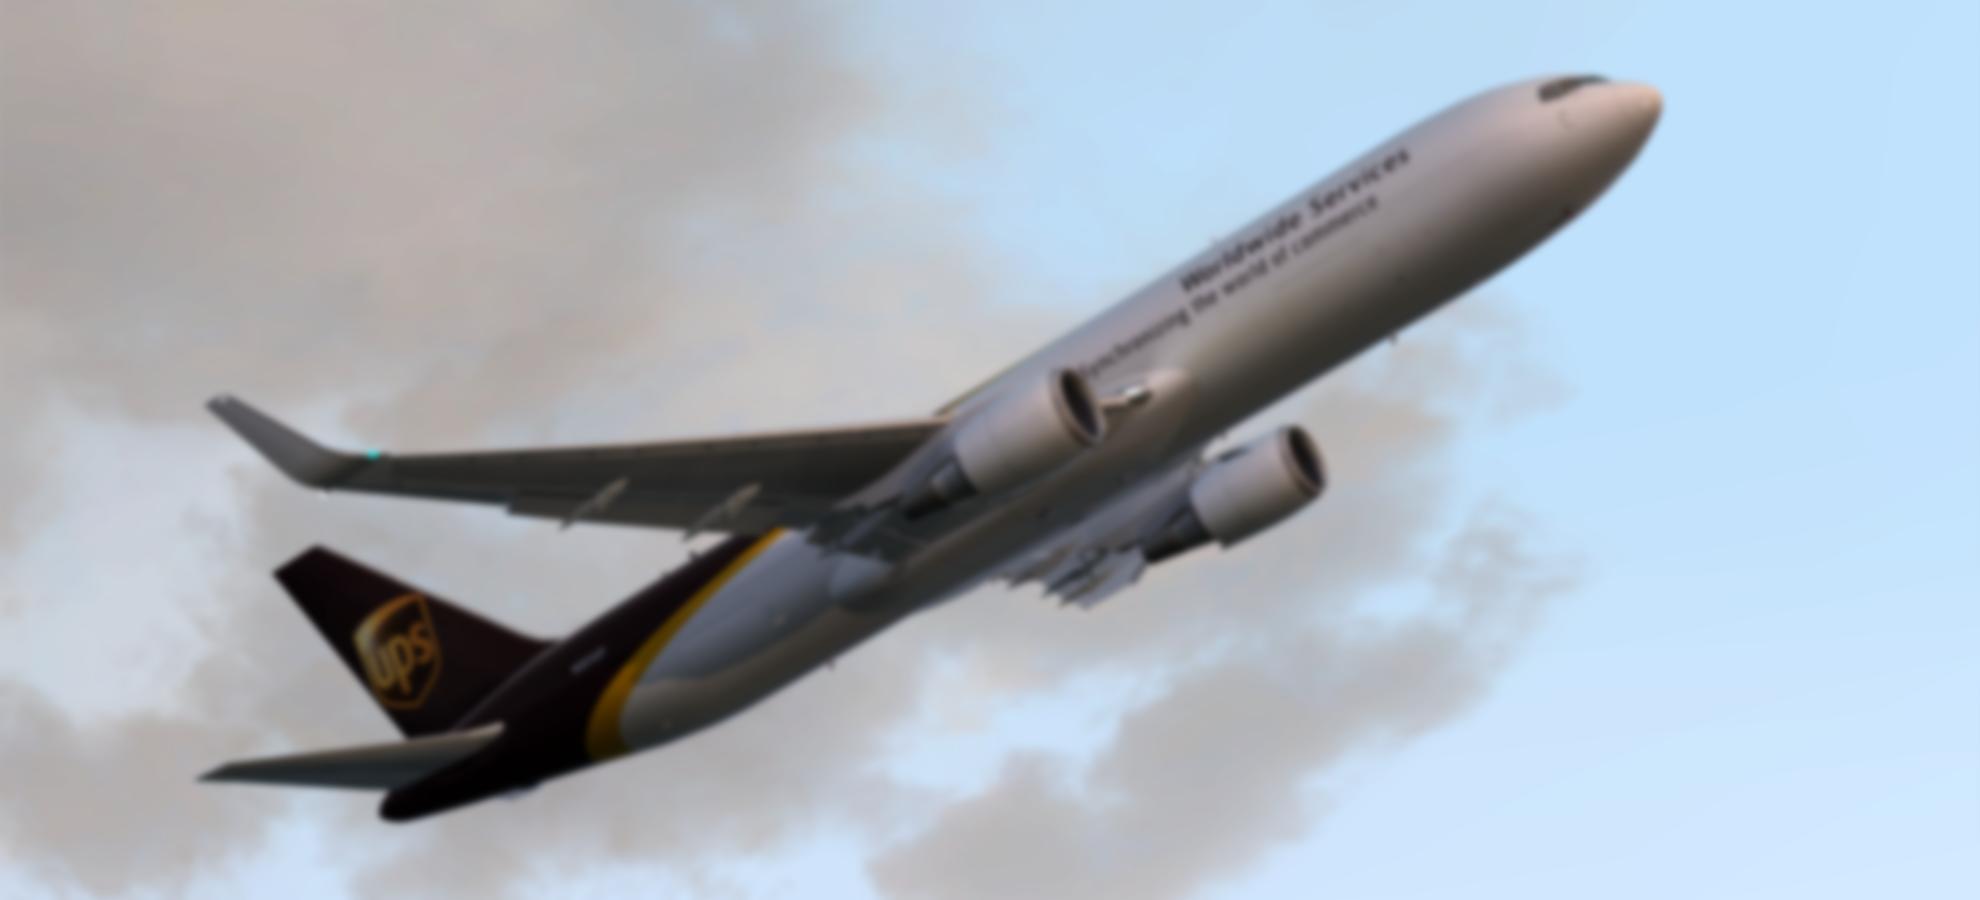 SkySpirit2010 767 -